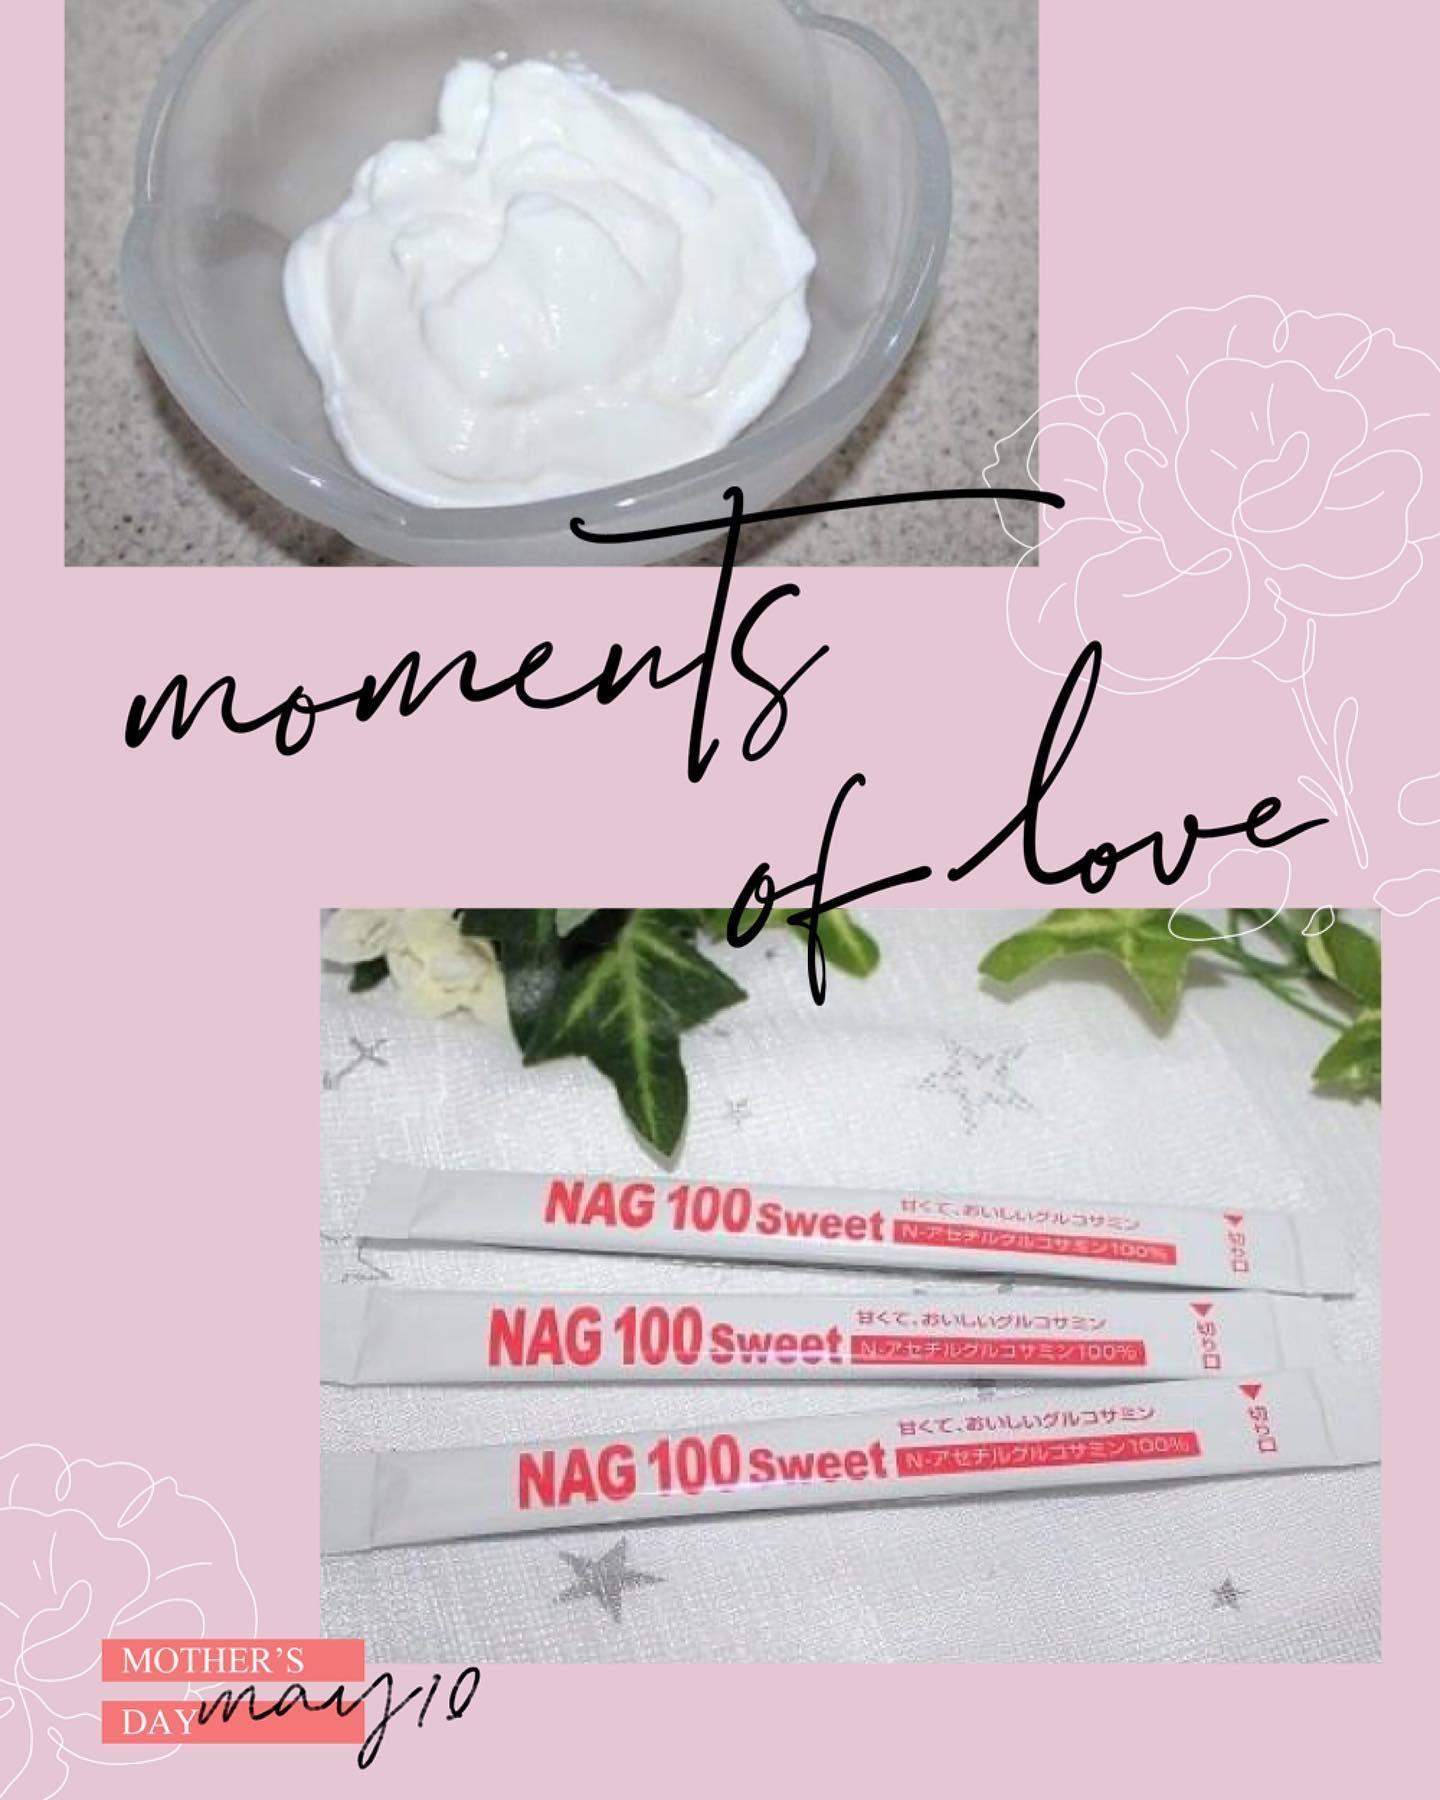 口コミ投稿:N-アセチルグルコサミンの純粋な顆粒NAG100Sweetは、添加物や混合物は一切…